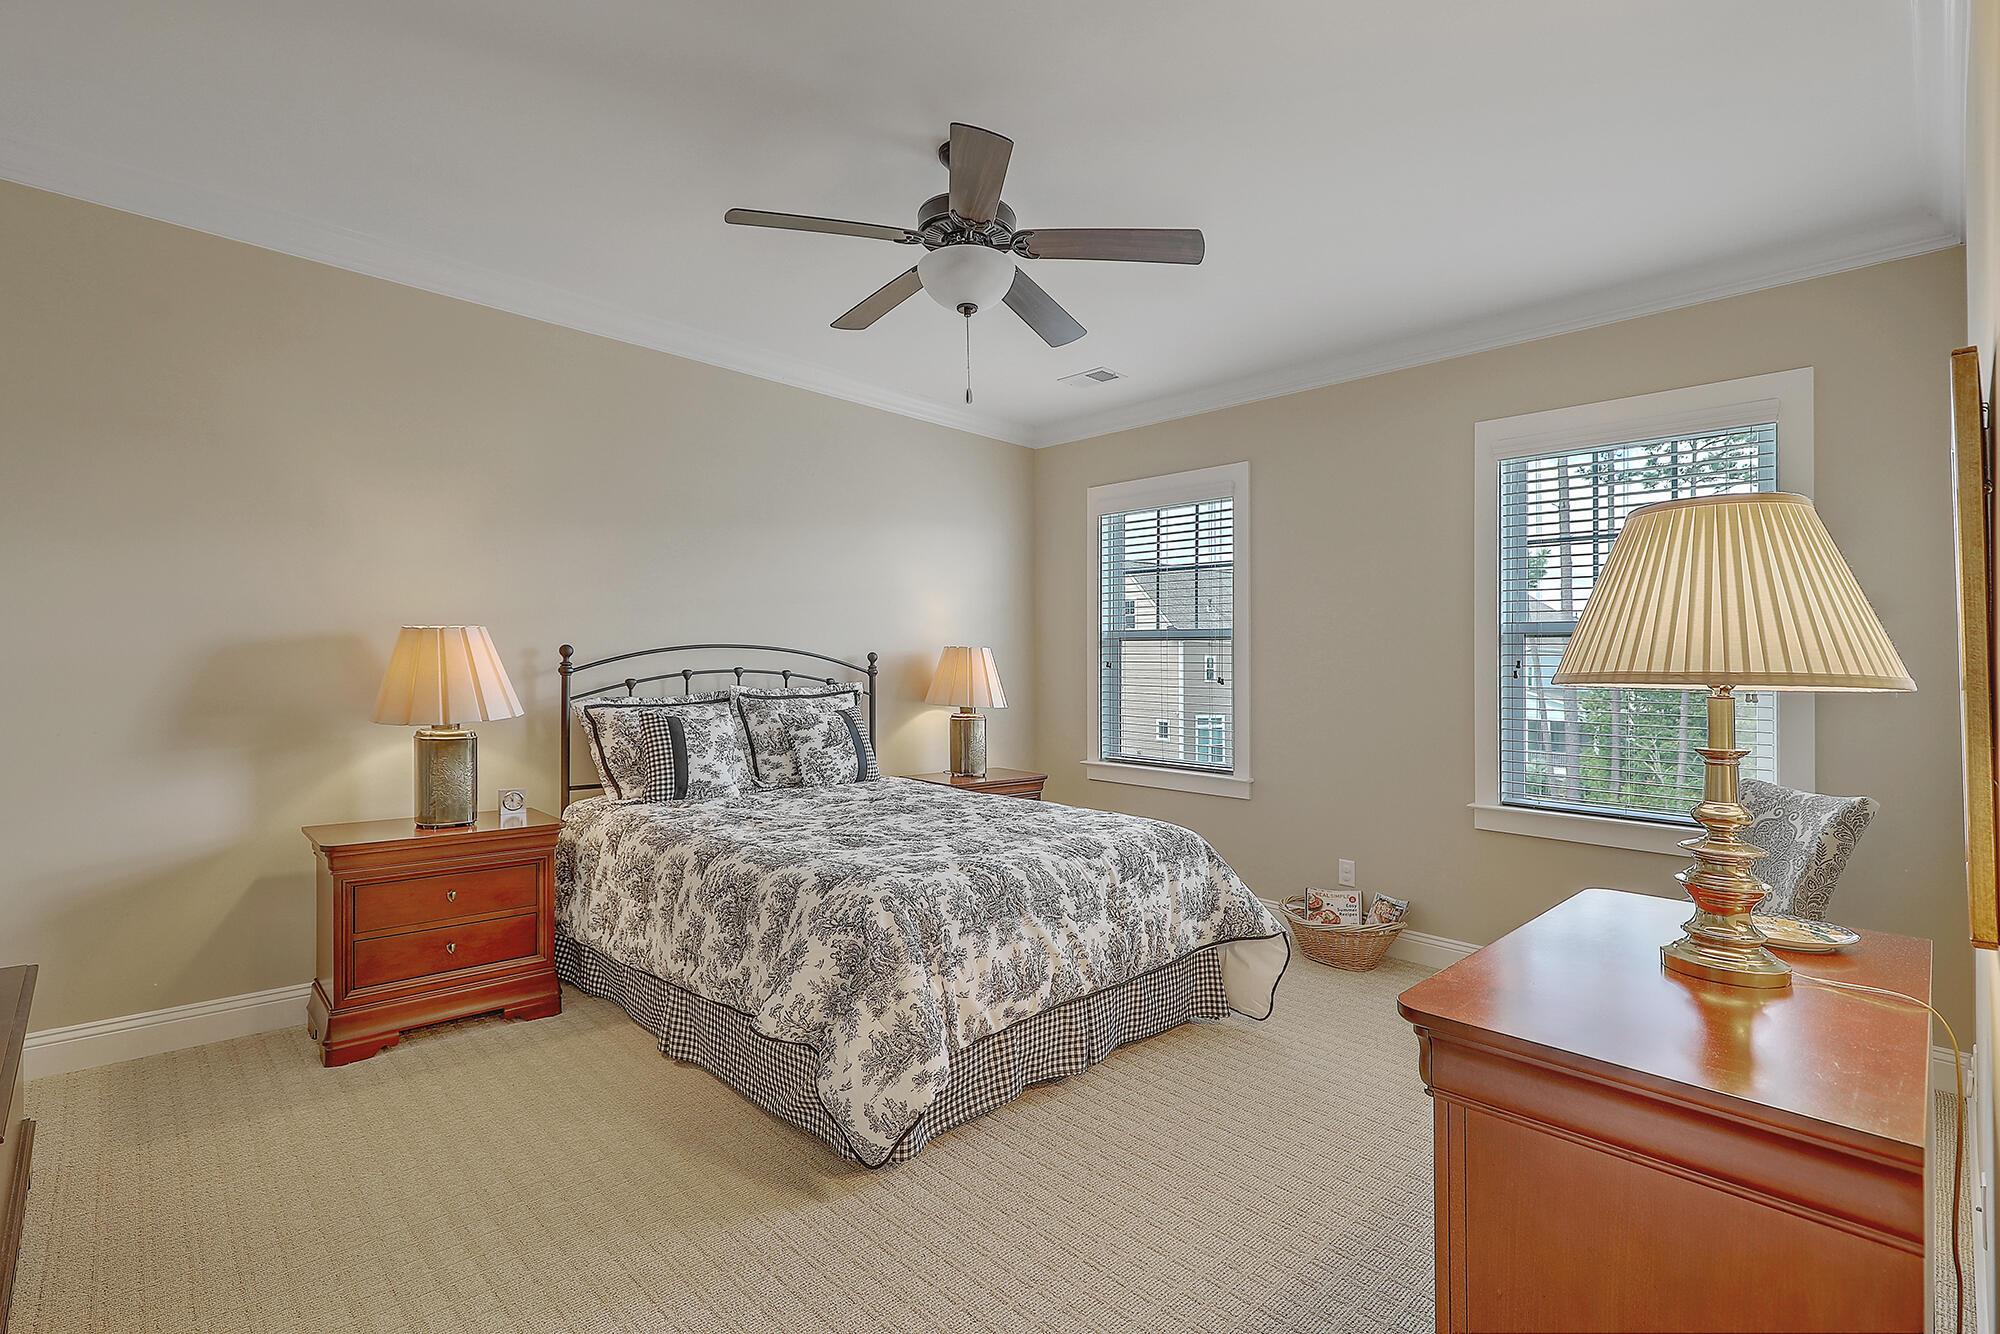 Dunes West Homes For Sale - 3171 Sturbridge, Mount Pleasant, SC - 51